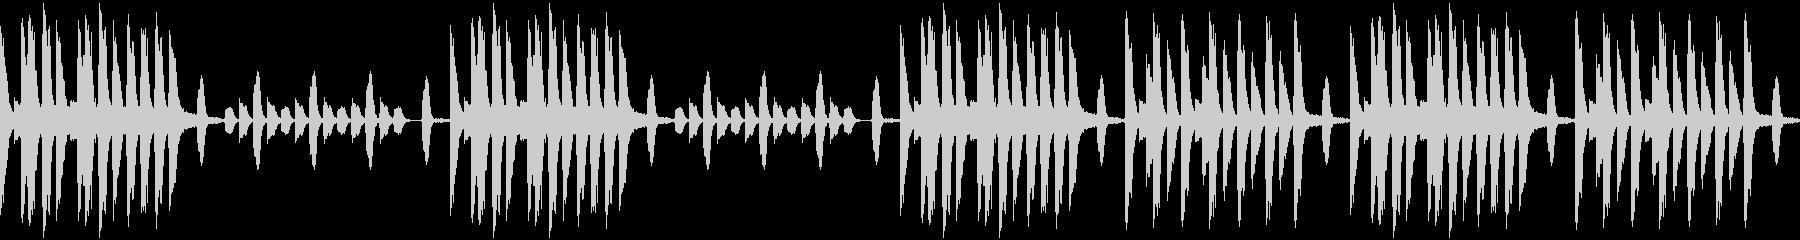 楽しみな入社式な曲(ループ仕様)の未再生の波形